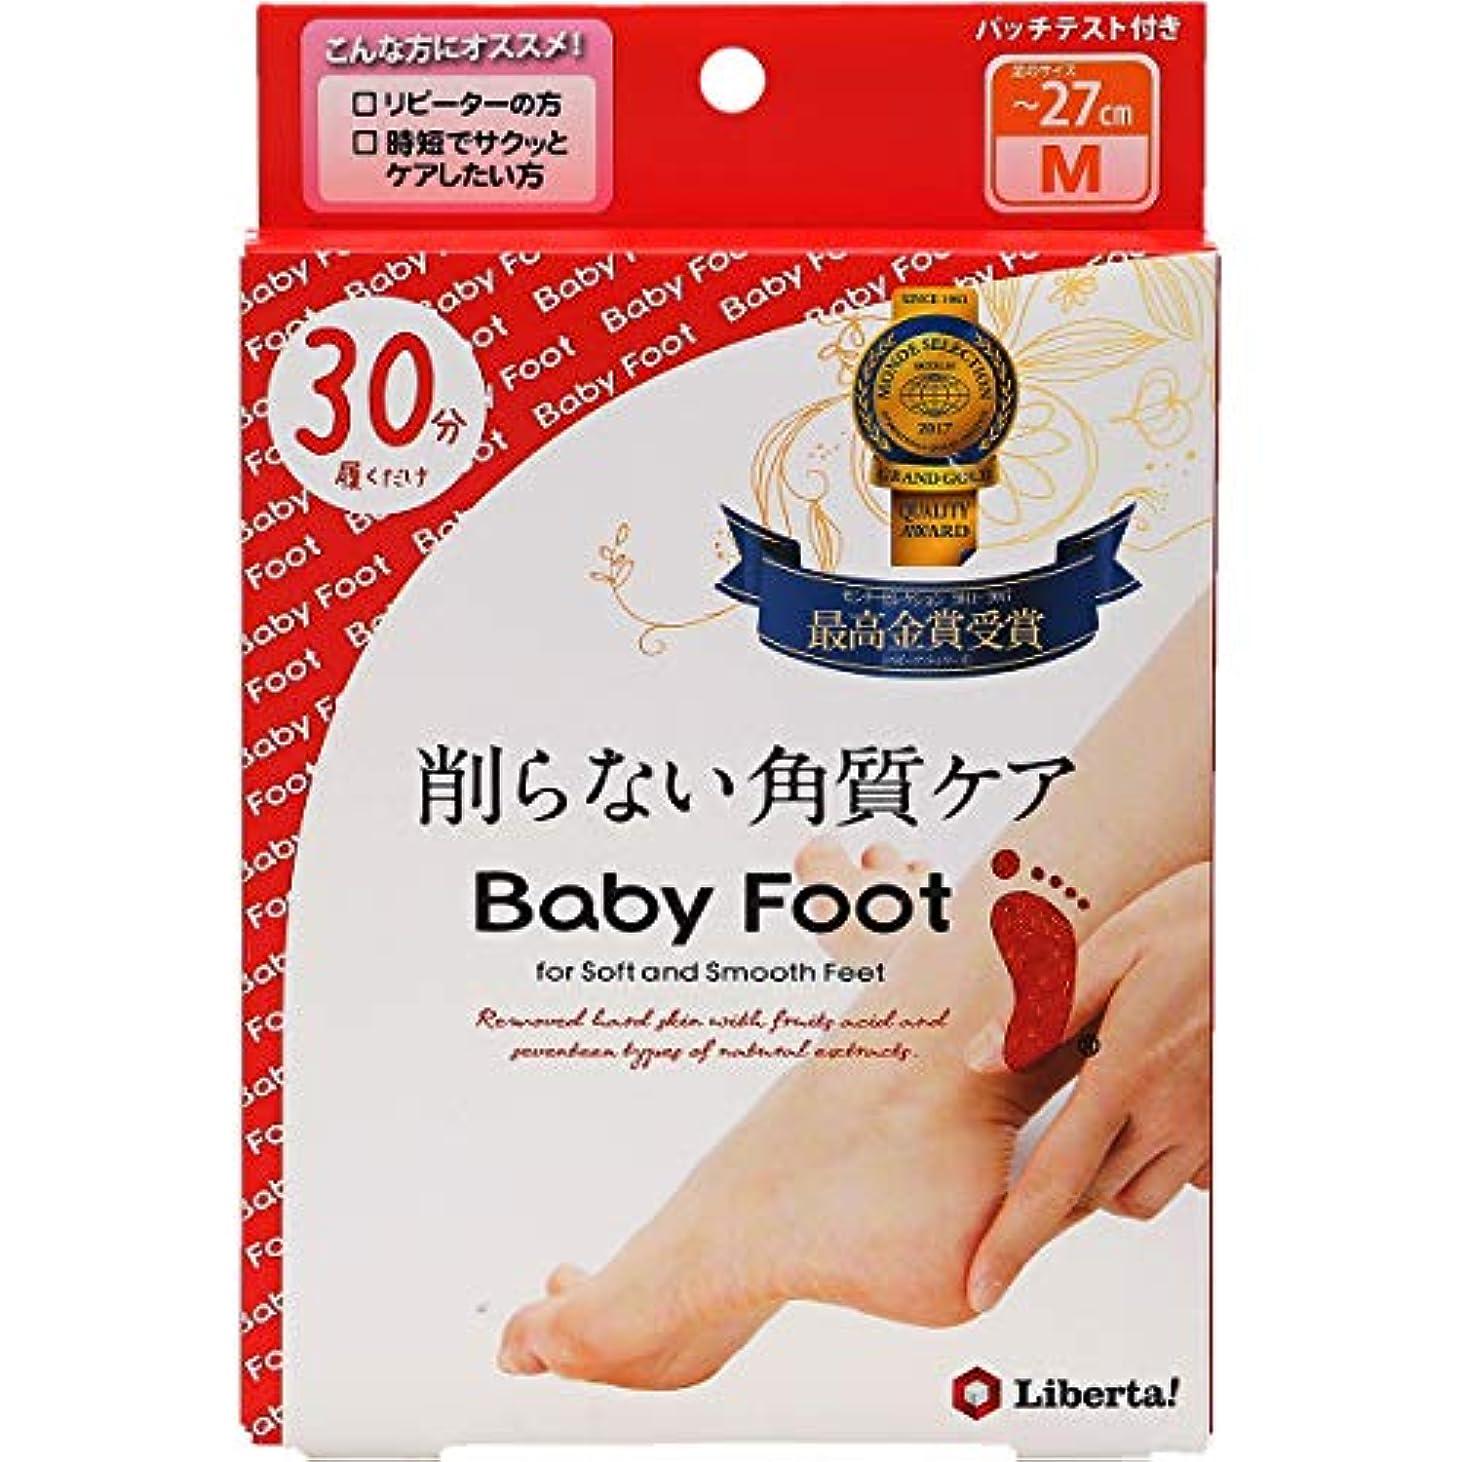 脚本家特定の協力するベビーフット (Baby Foot) ベビーフット イージーパック30分タイプ Mサイズ 単品